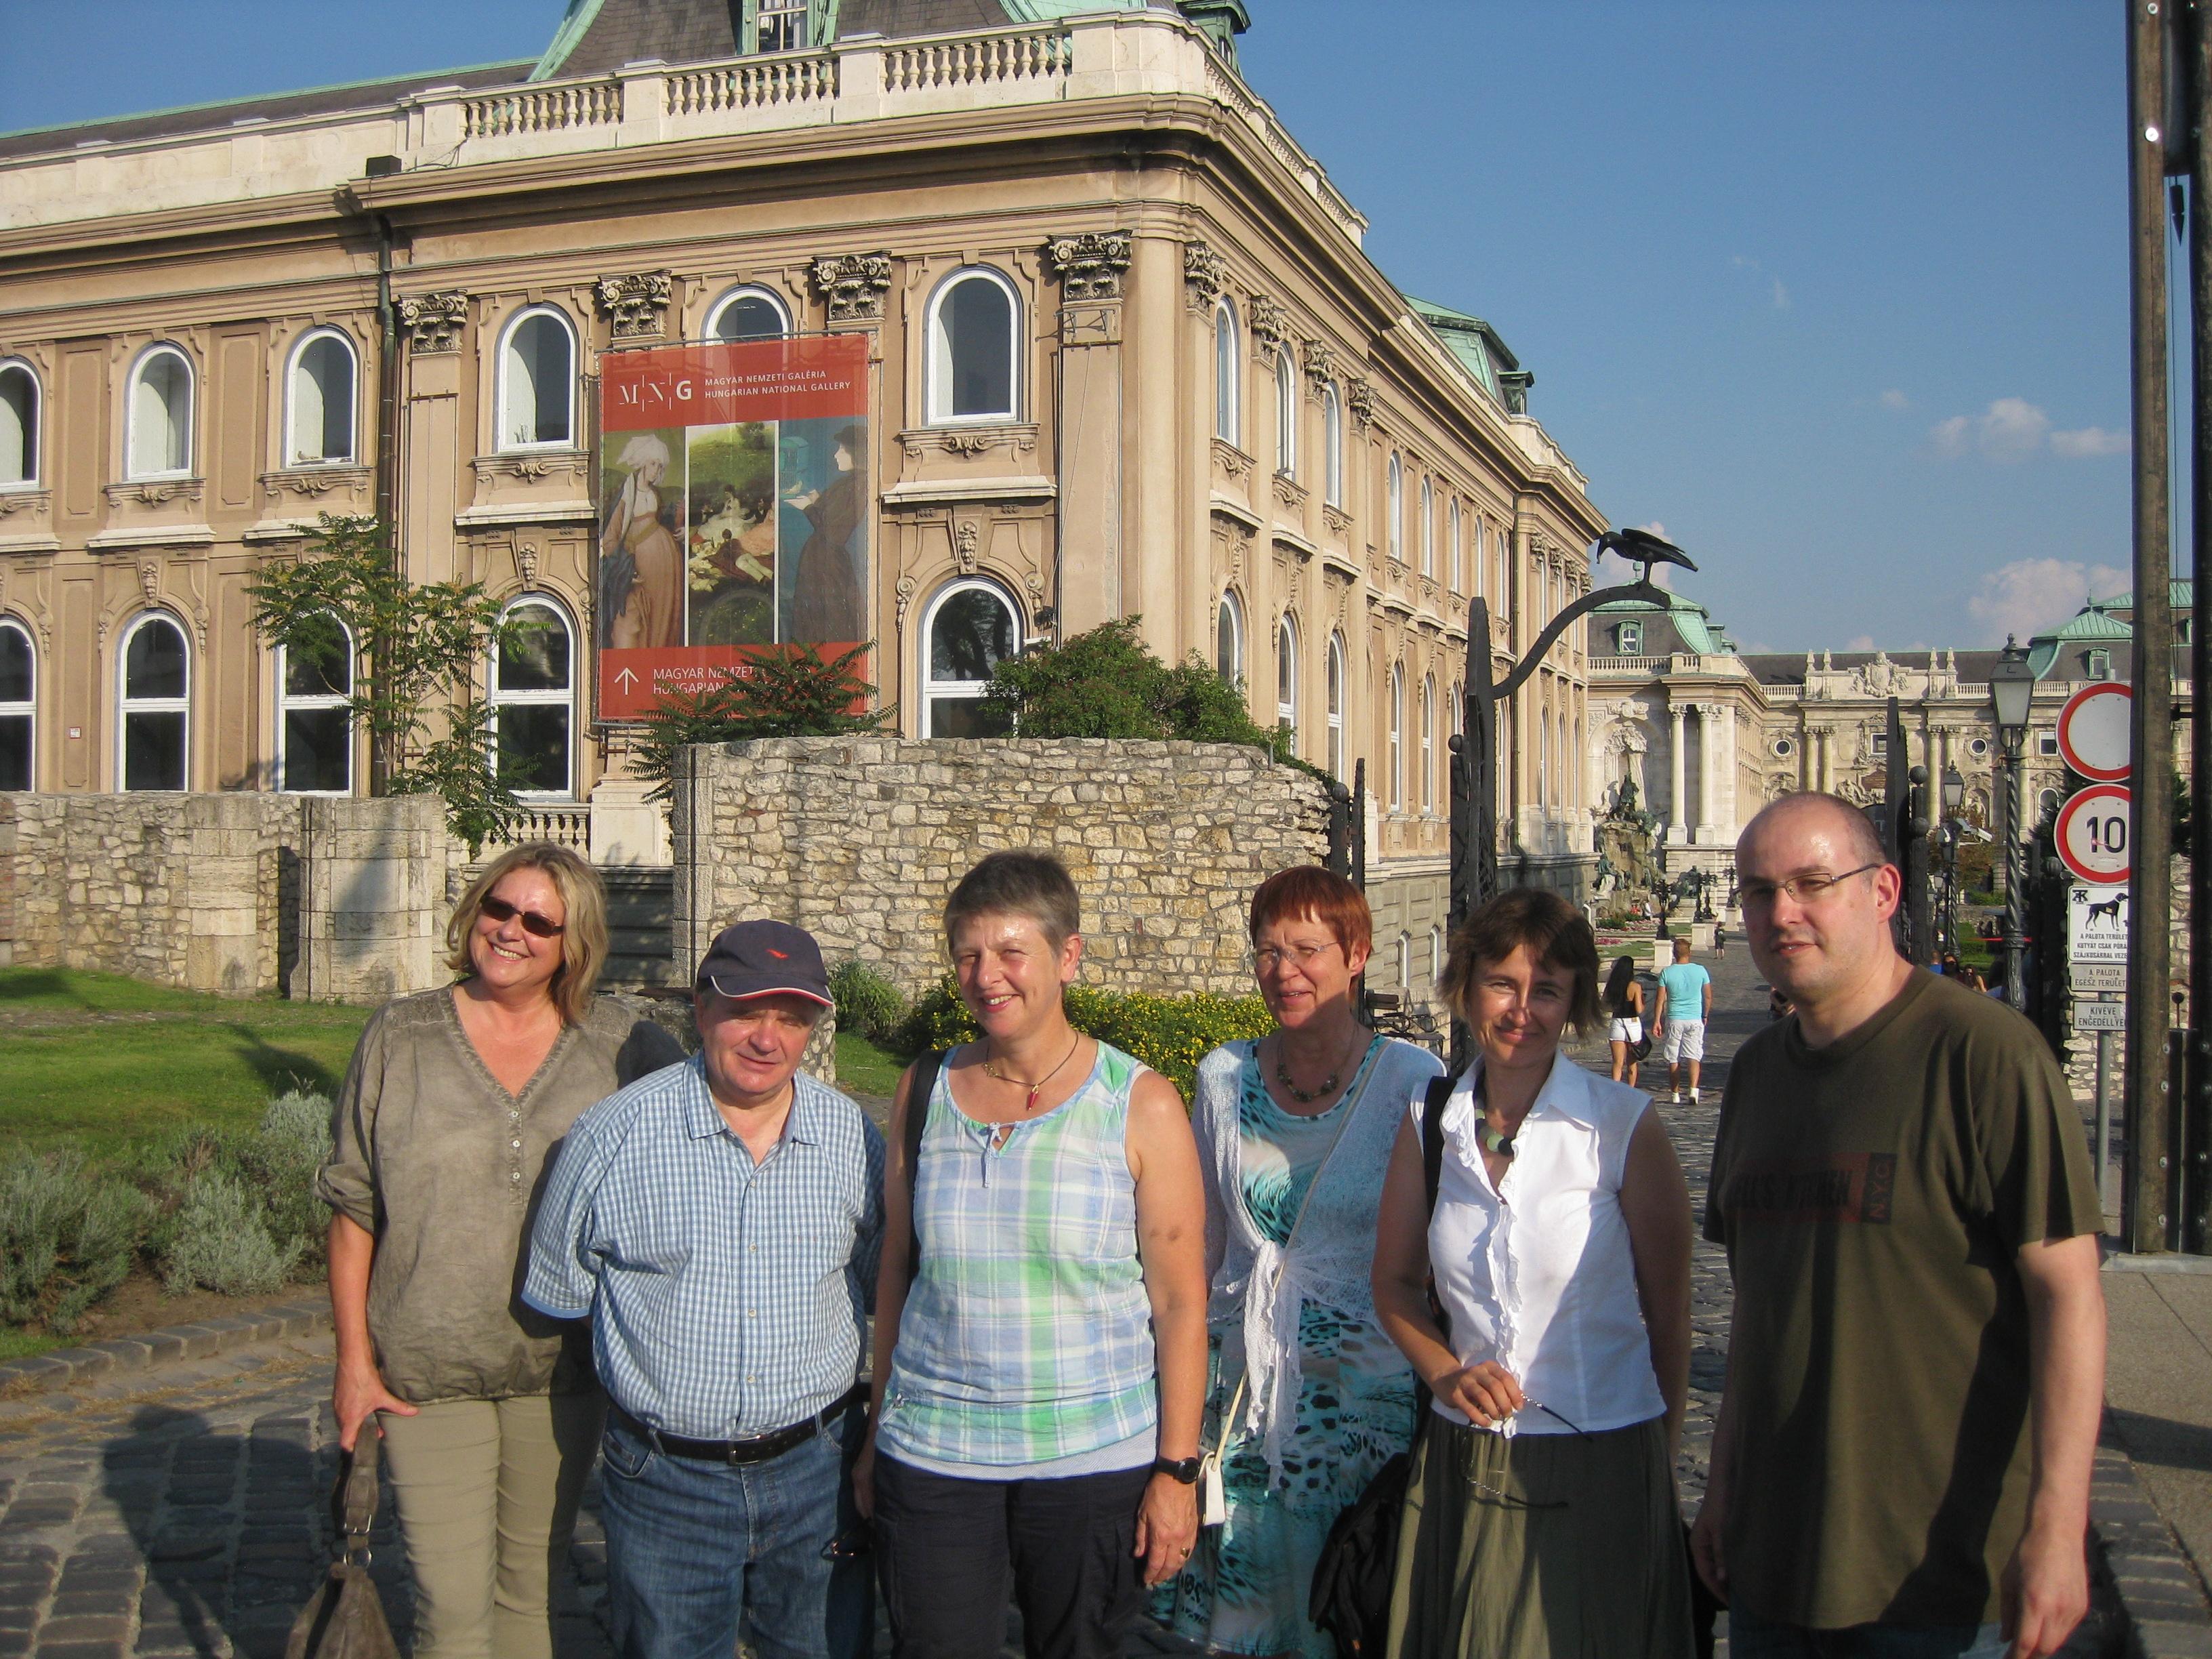 Am Koeniglichen Palast in Budapest